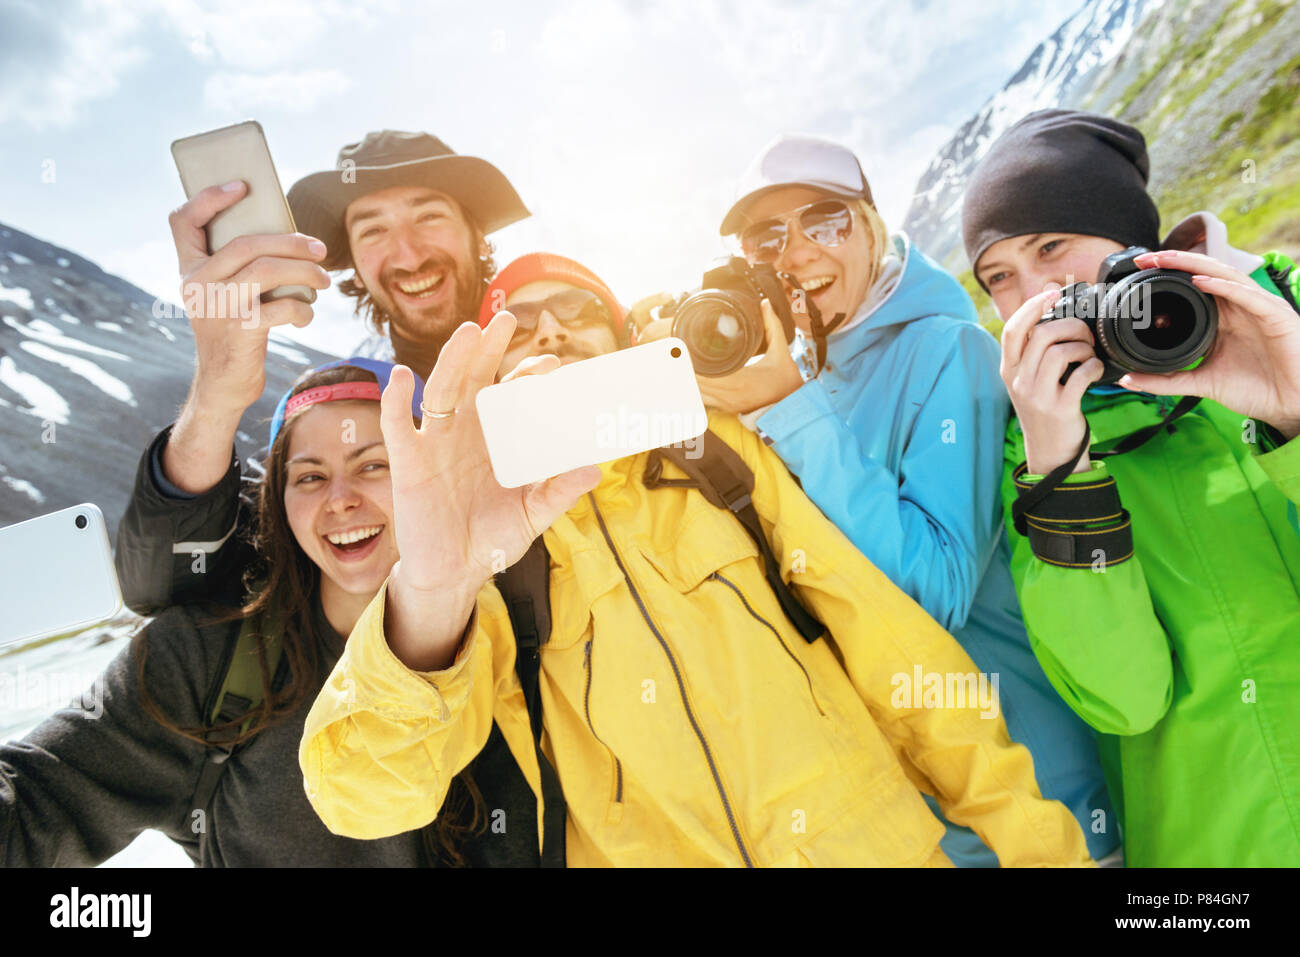 Gruppe glücklich Freunde Touristen Foto selfie Stockbild